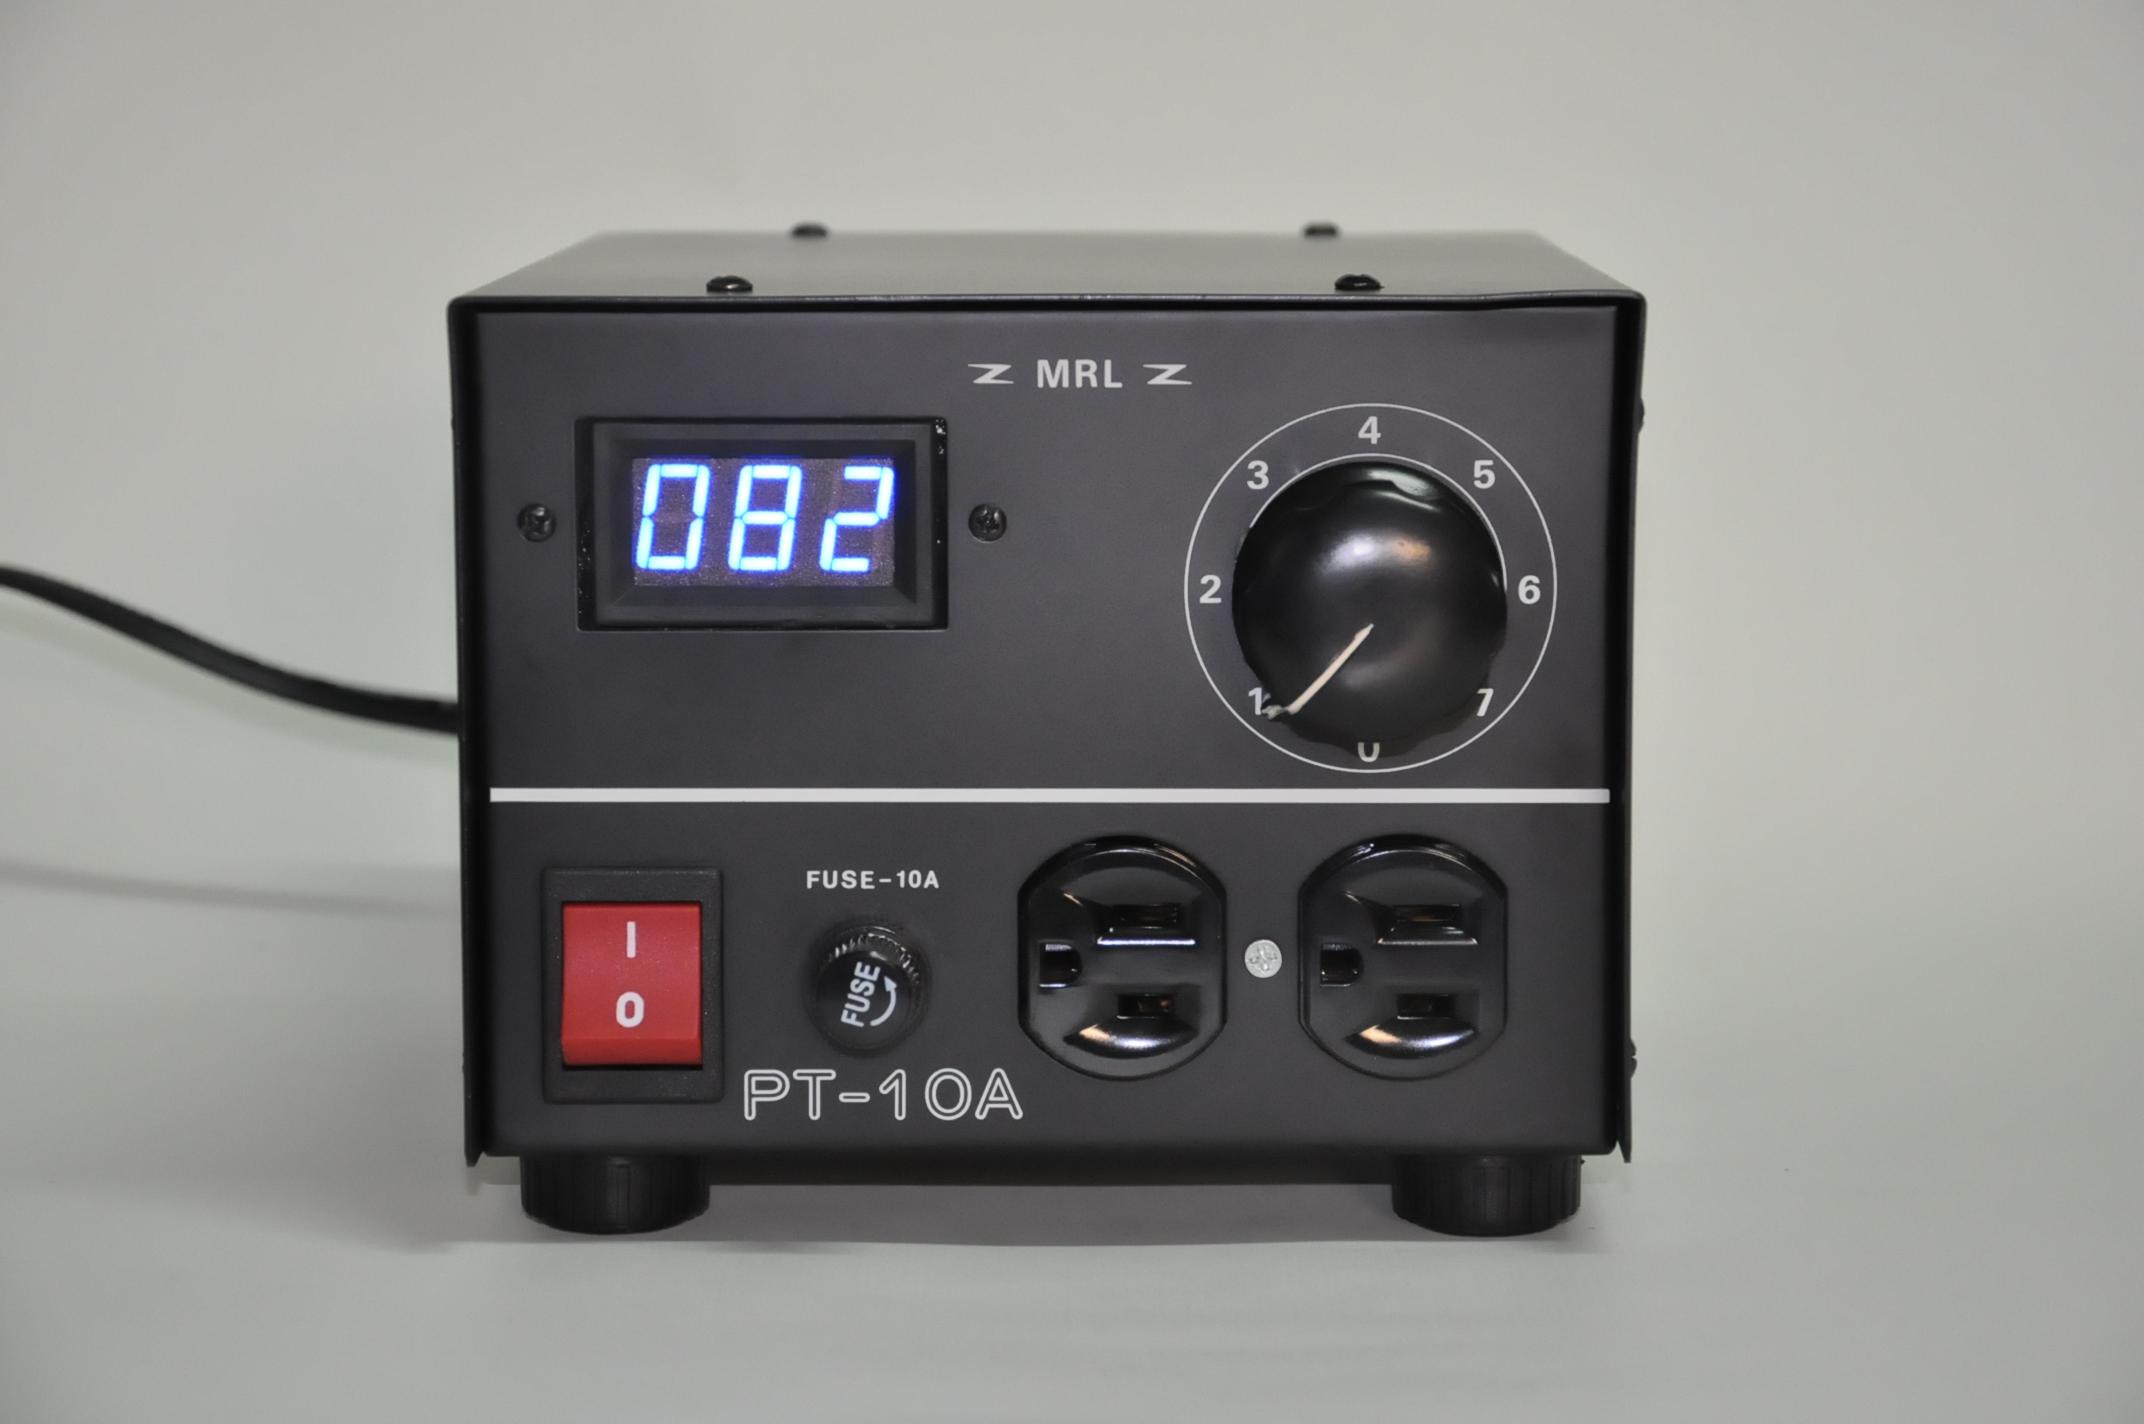 PT-10A